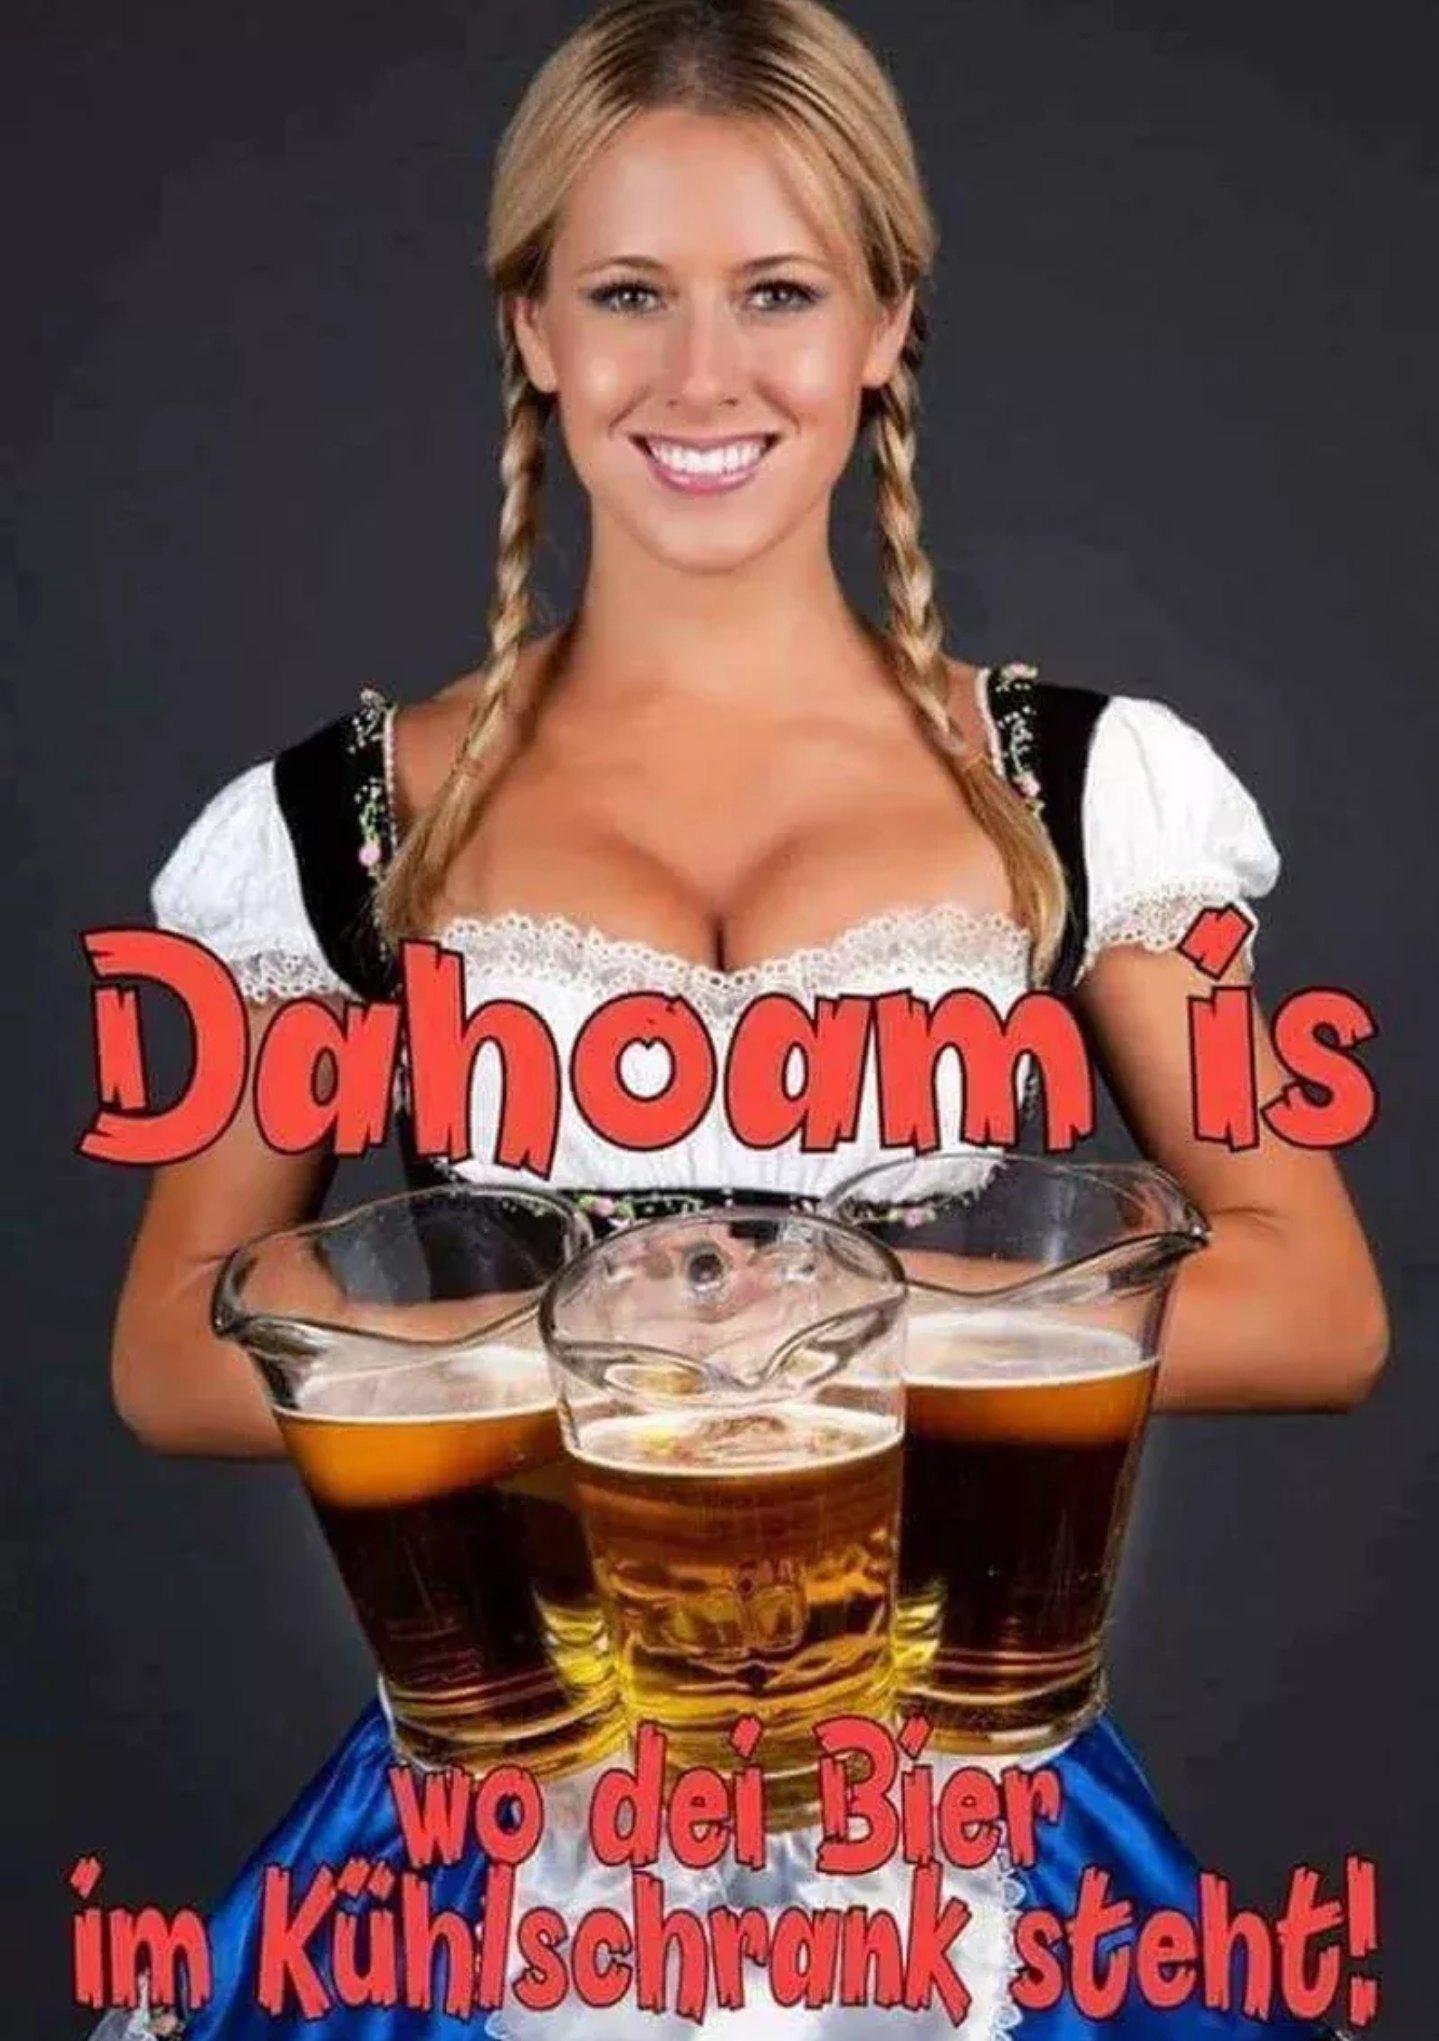 dahoam_is_dahoam__523710_8505_gallery.jpg